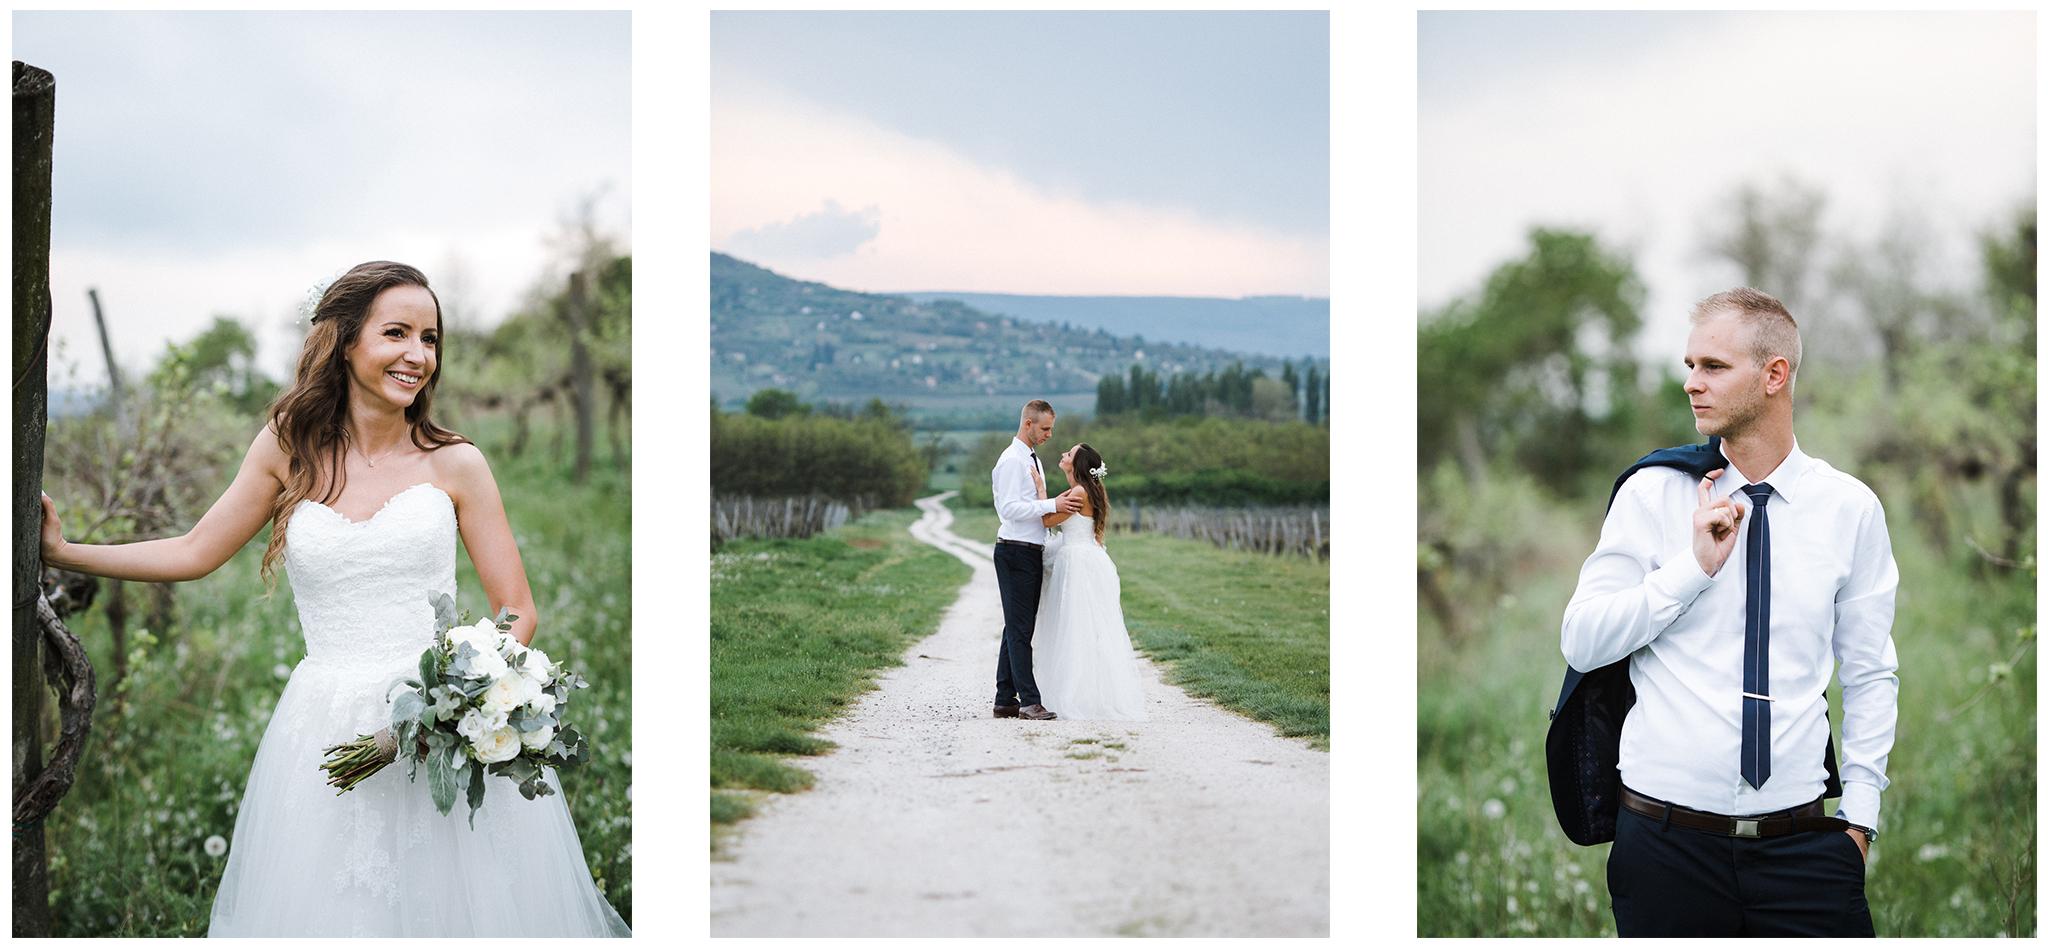 MONT_FylepPhoto, Esküvőfotós Vasmegye, Esküvő fotózás, Esküvői fotós, Körmend, Vas megye, Dunántúl, Budapest, Fülöp Péter, Jegyes fotózás, jegyes, kreatív, kreatívfotózás, Balaton_Réka&Peti,2018_012.jpg